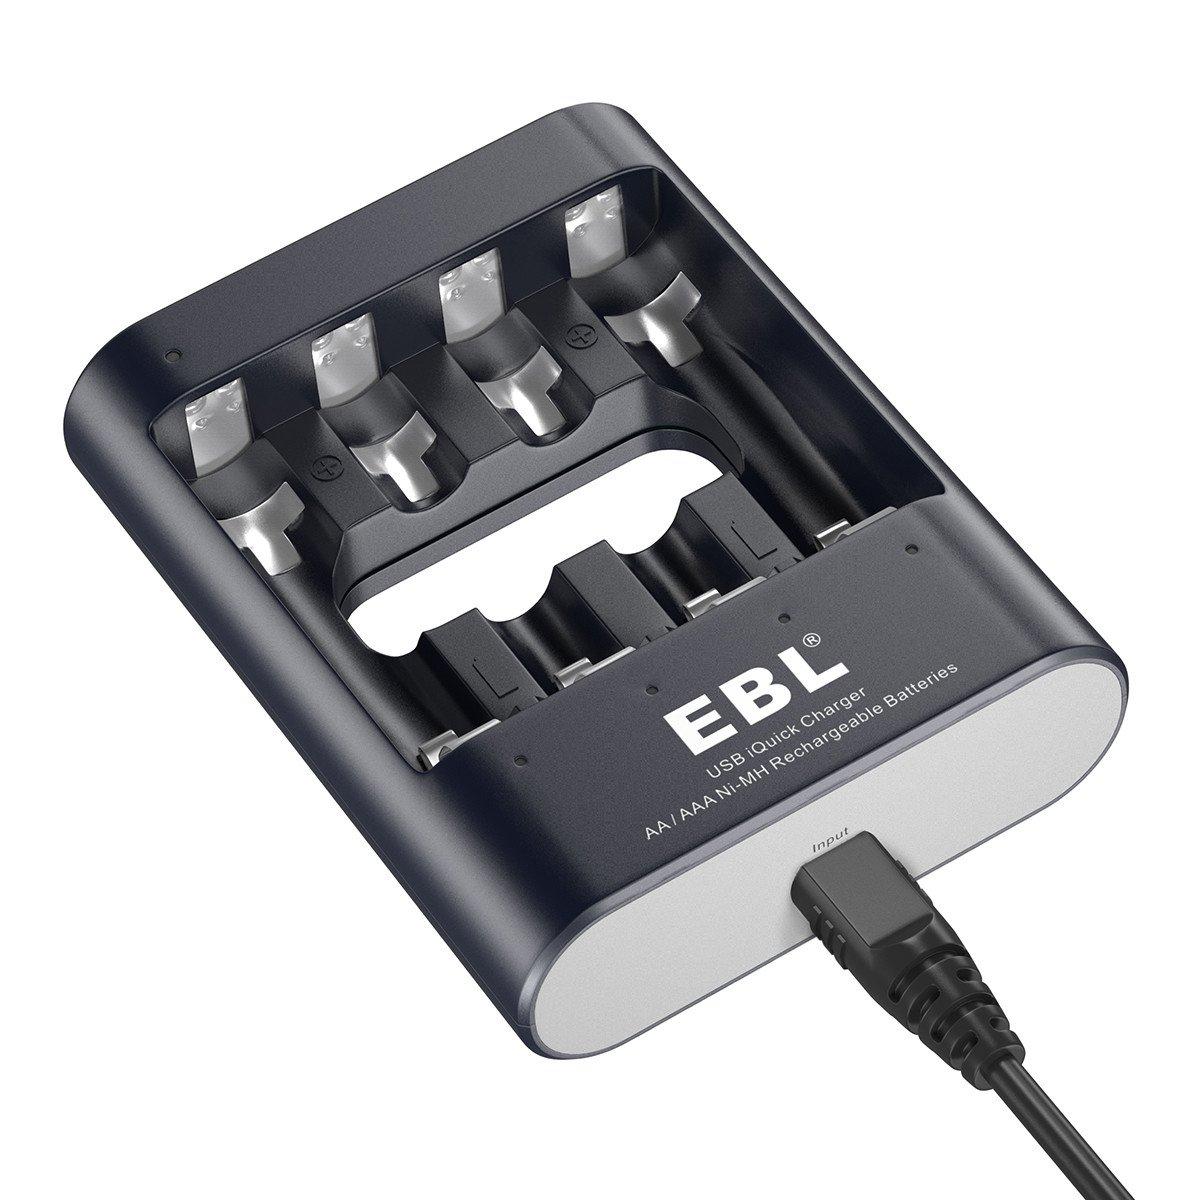 EBL U421 Quick Charger Cargador de Baterías con 4 Ranuras para Pilas Recargables del Tipo AA AAA para Ni-MH